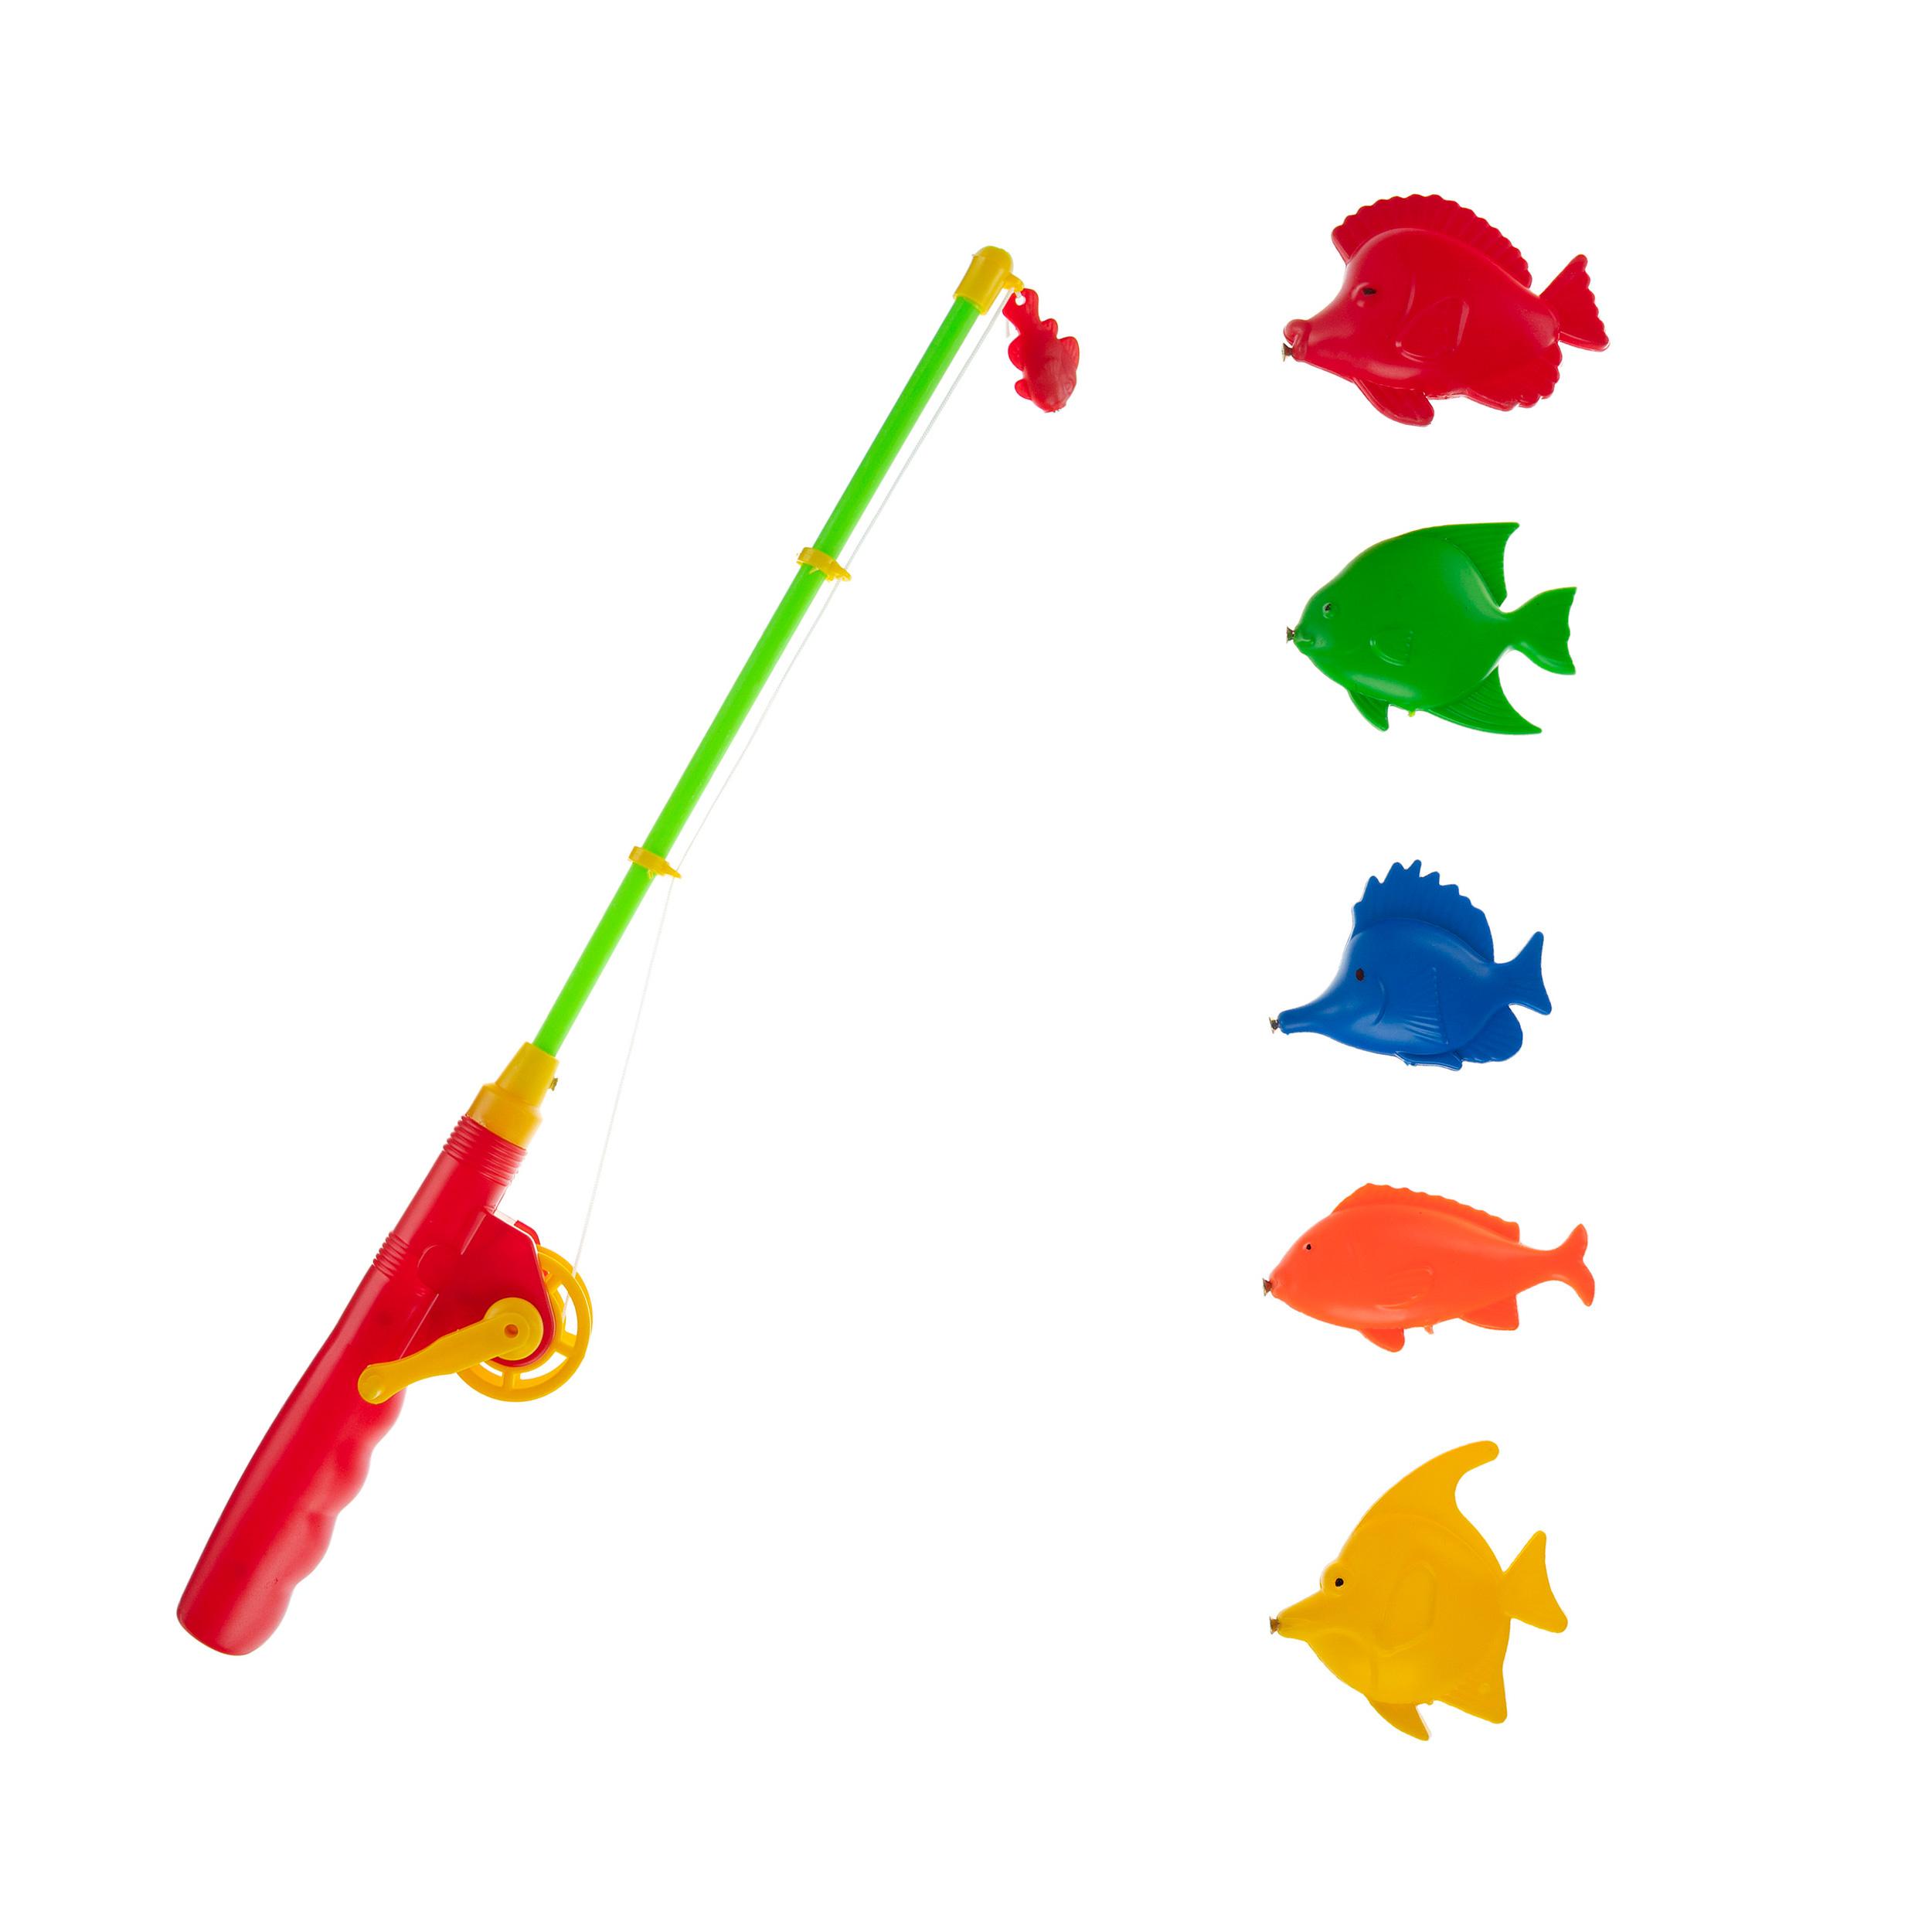 خرید                     بازی آموزشی ماهیگیری نلیا تویز  کد 1212